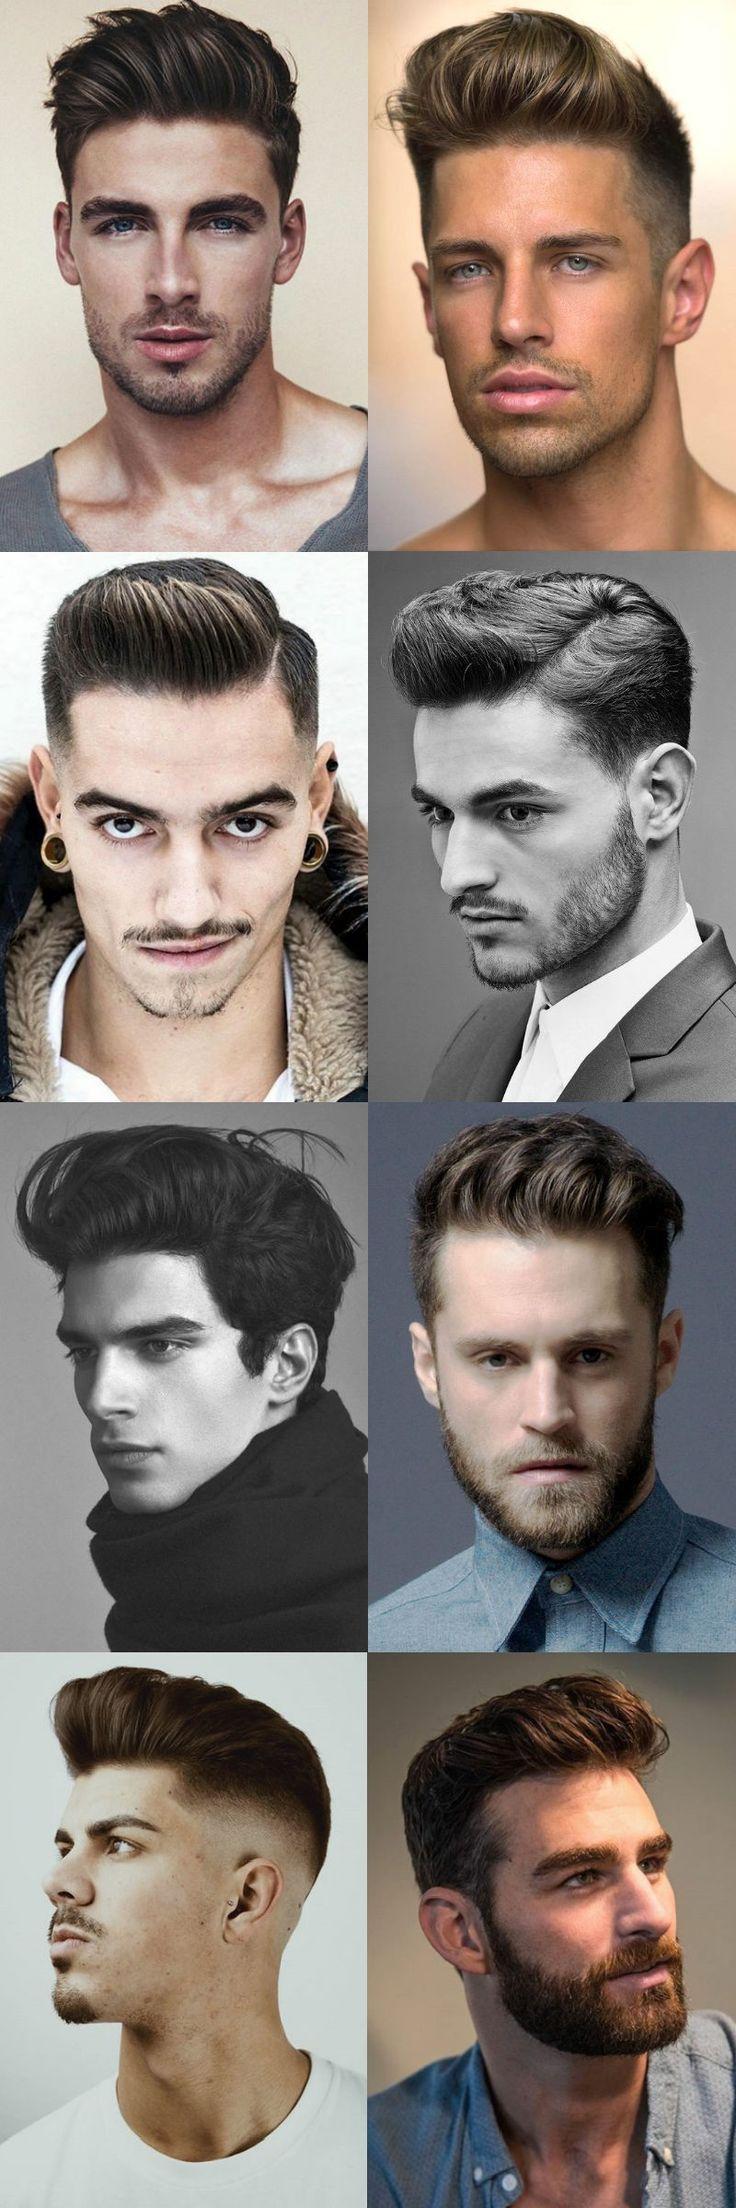 homem-no-espelho-cortes-de-cabelo-masculinos-2017-topetes